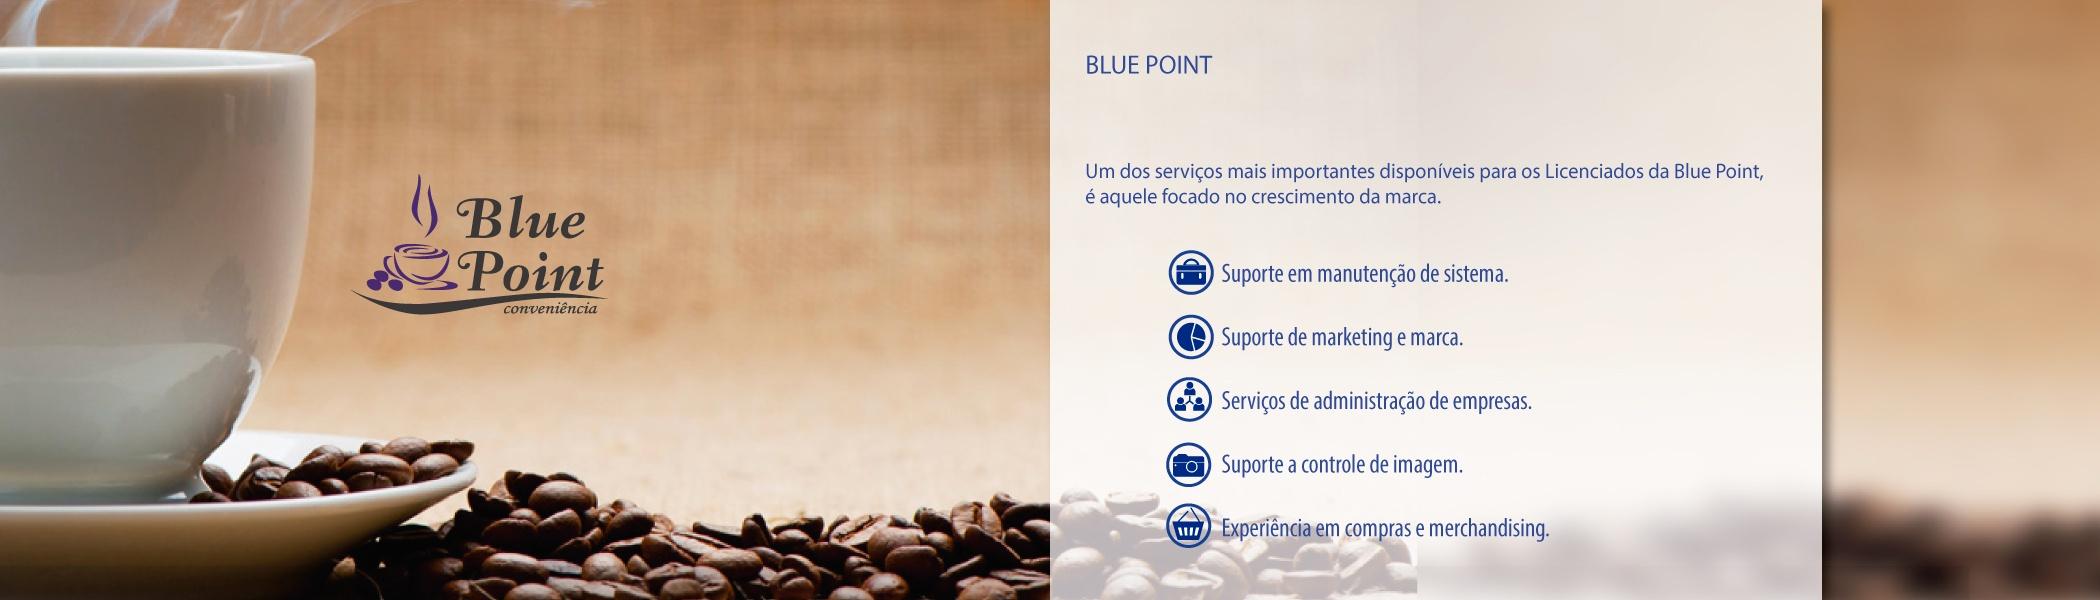 banner-boxter-bluepoint-2100x600